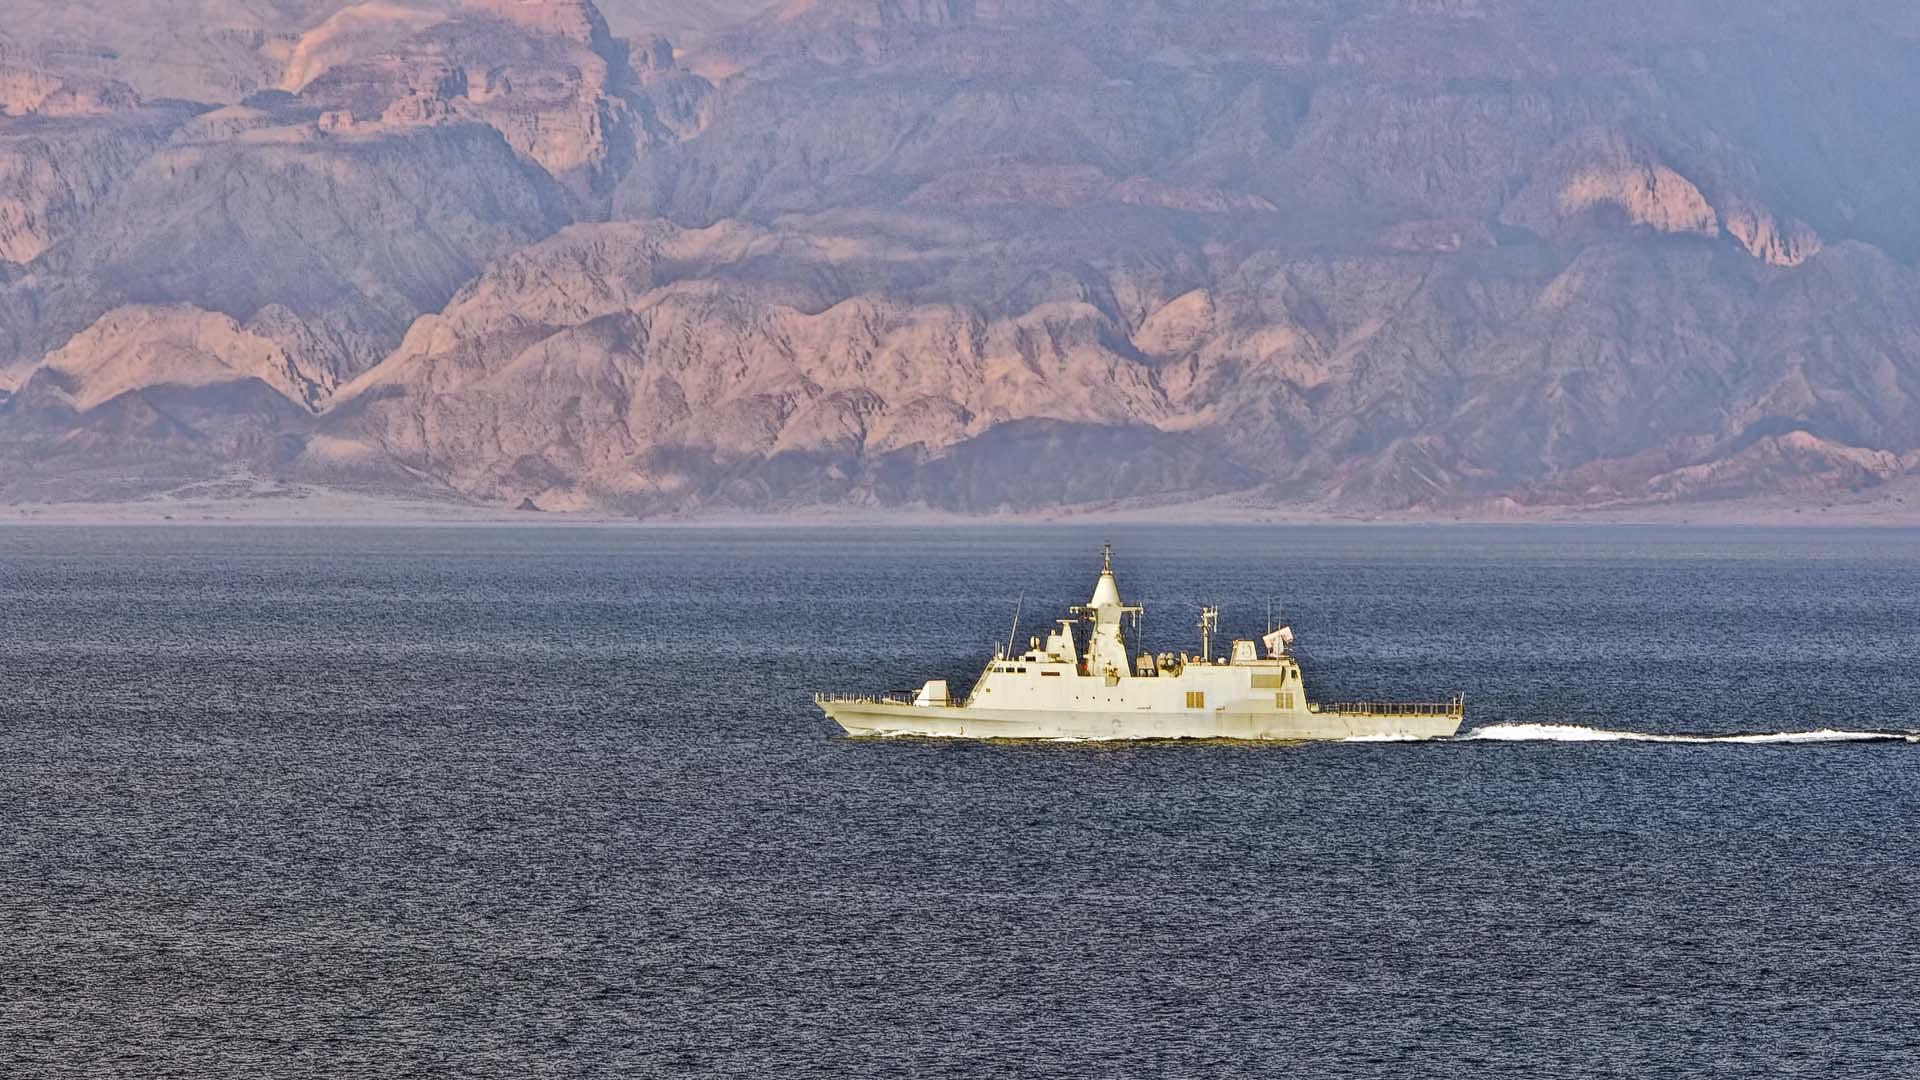 Ambas naciones acordaron ejercicios combinados de búsqueda, patrullare y control de contaminación